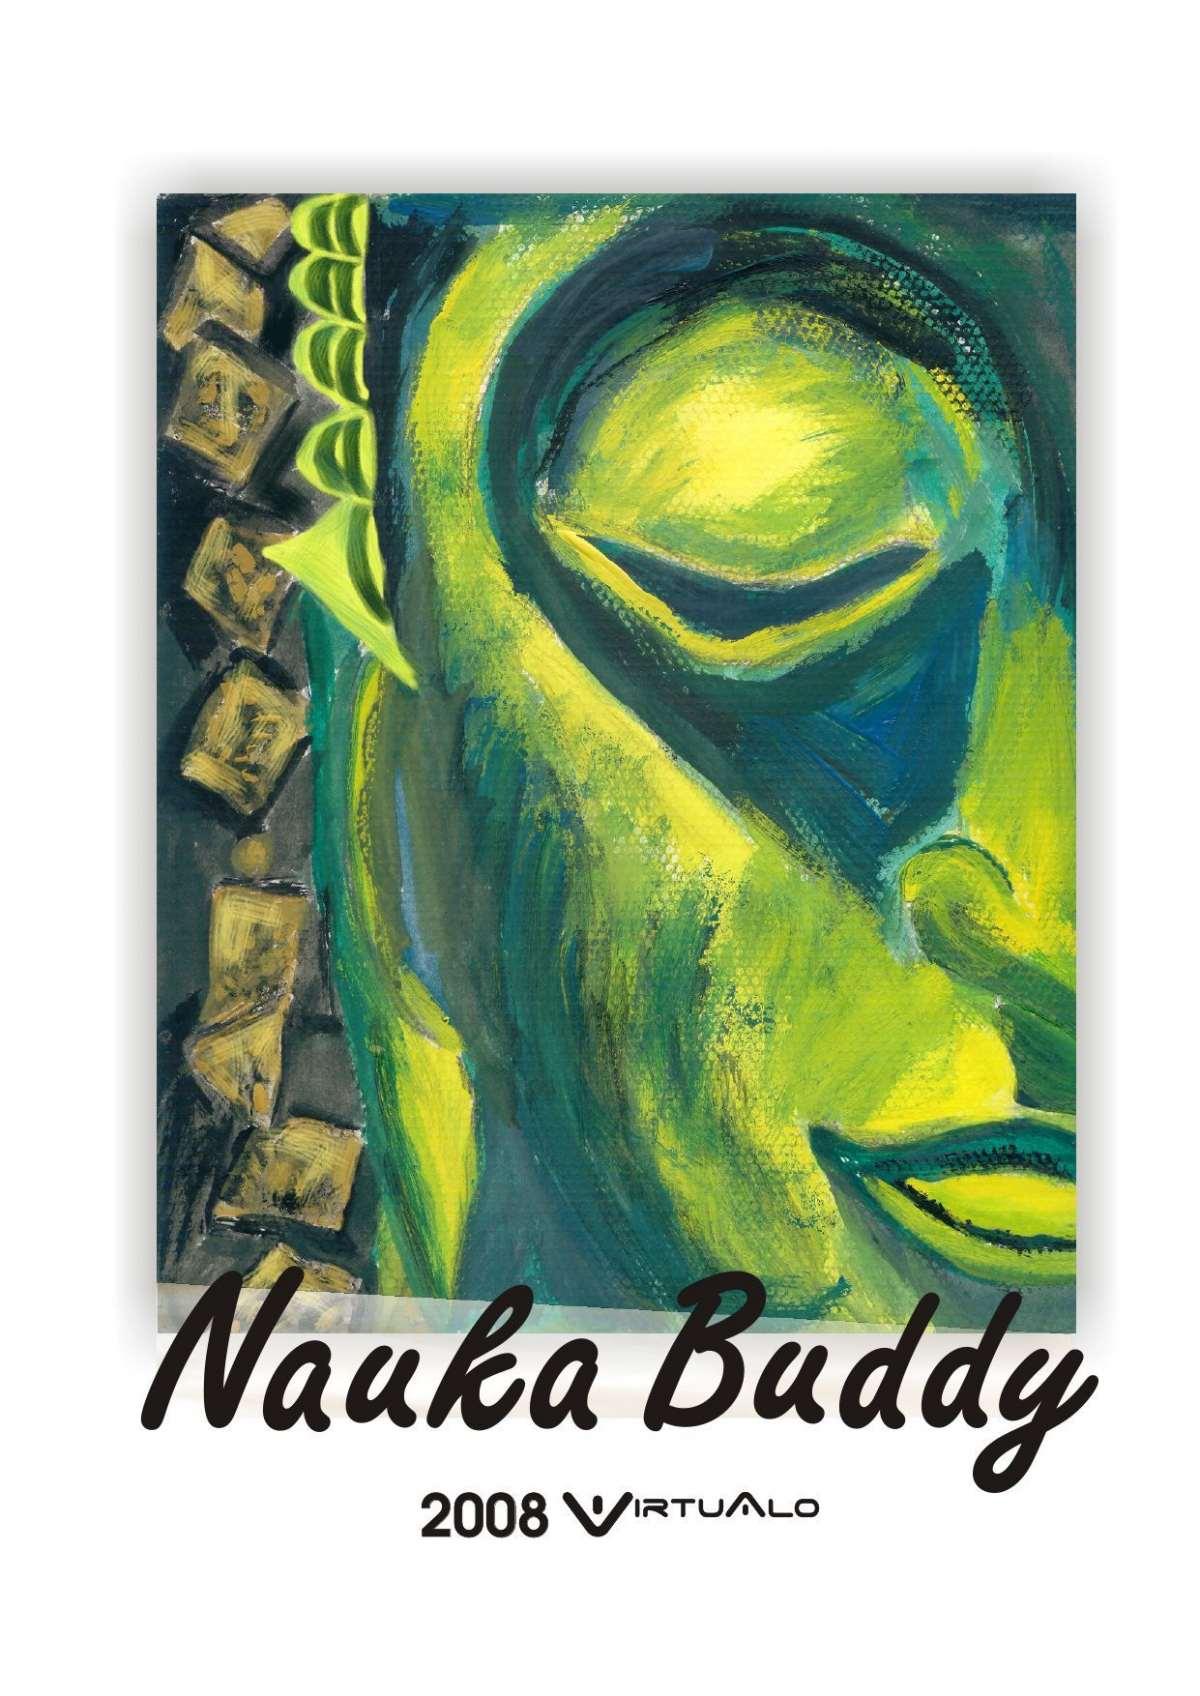 Nauka Buddy - Ebook (Książka ONLINE) do czytania tylko poprzez Internet